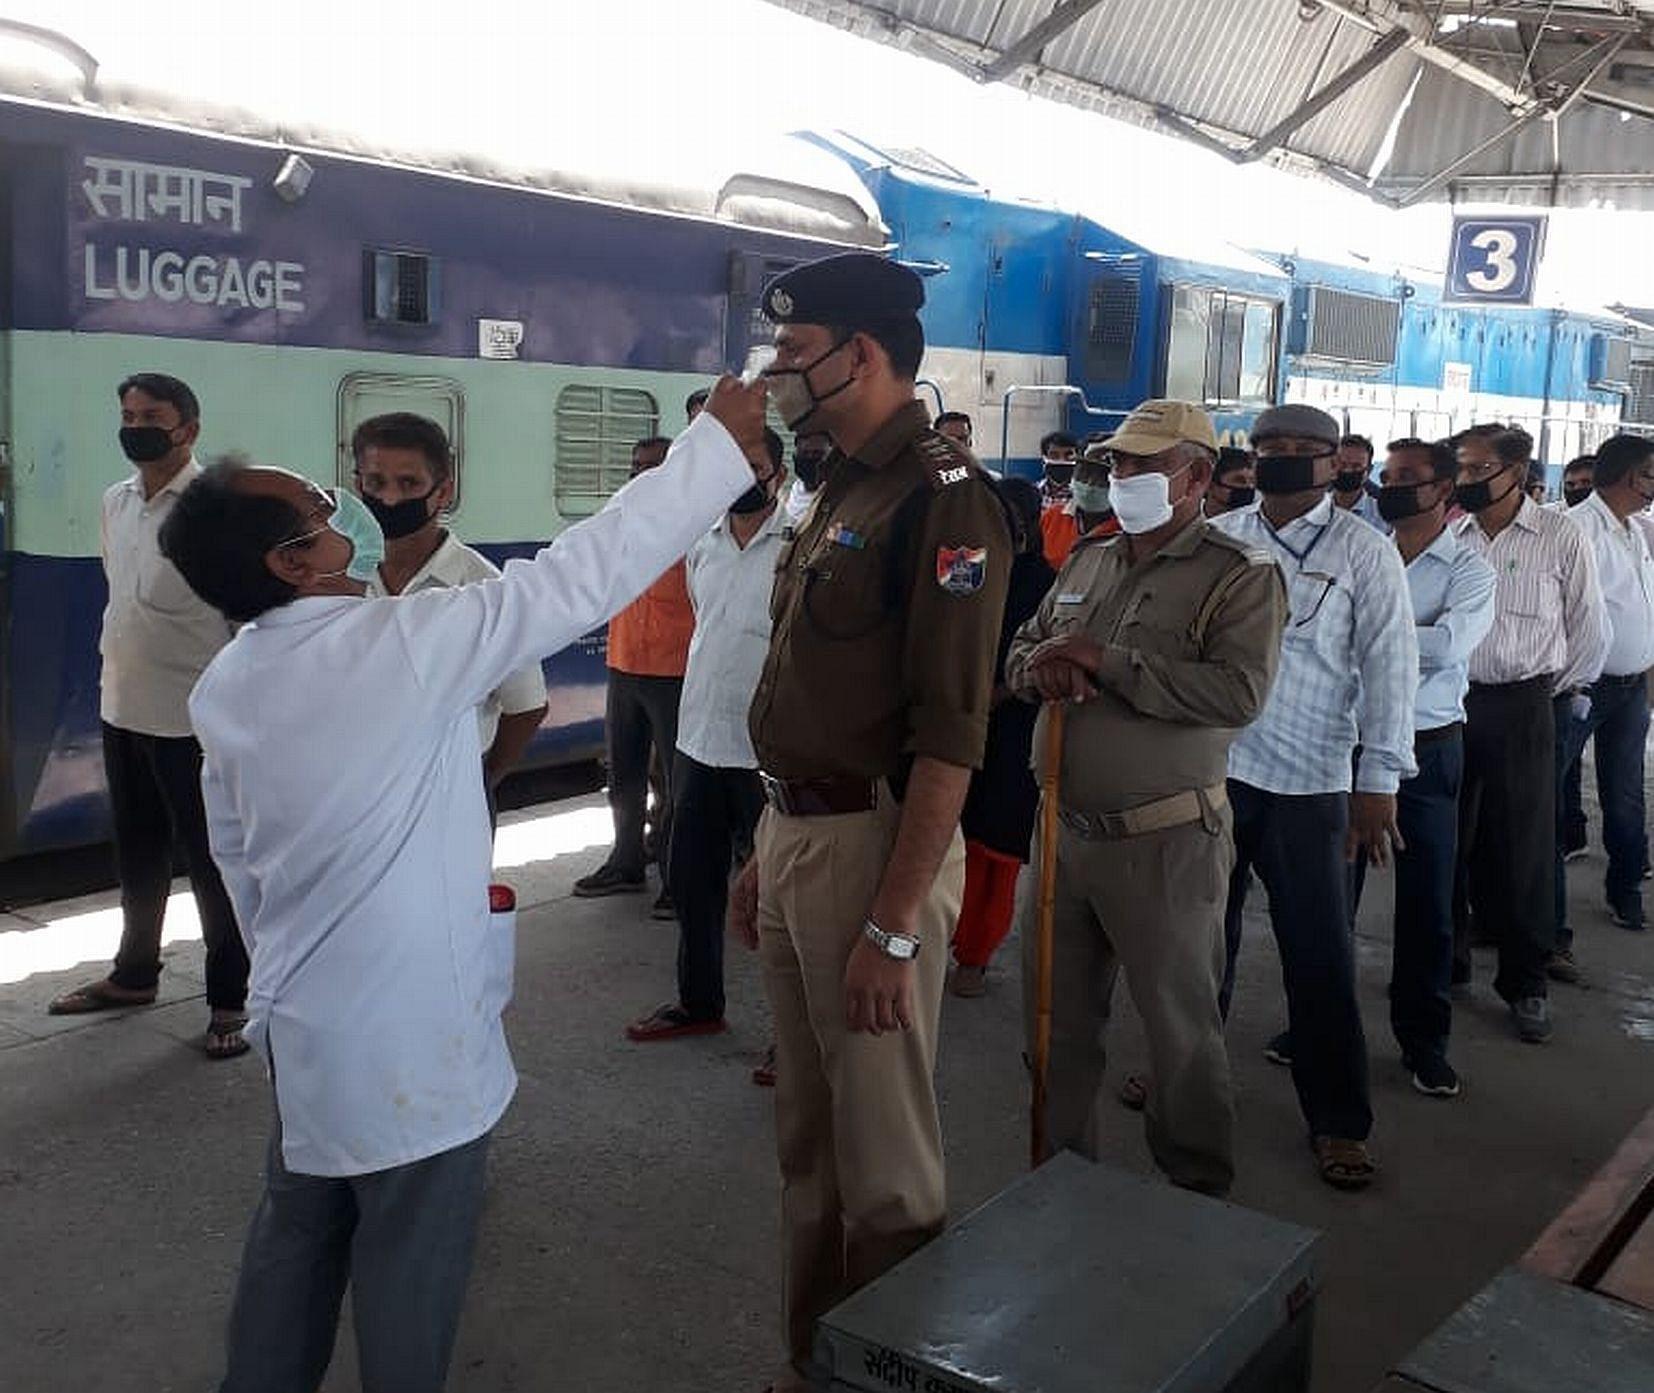 काशीपुर रेलवे स्टेशन पर आरपीएफ जवानों की थर्मल स्क्रीनिंग करते डॉक्टर।